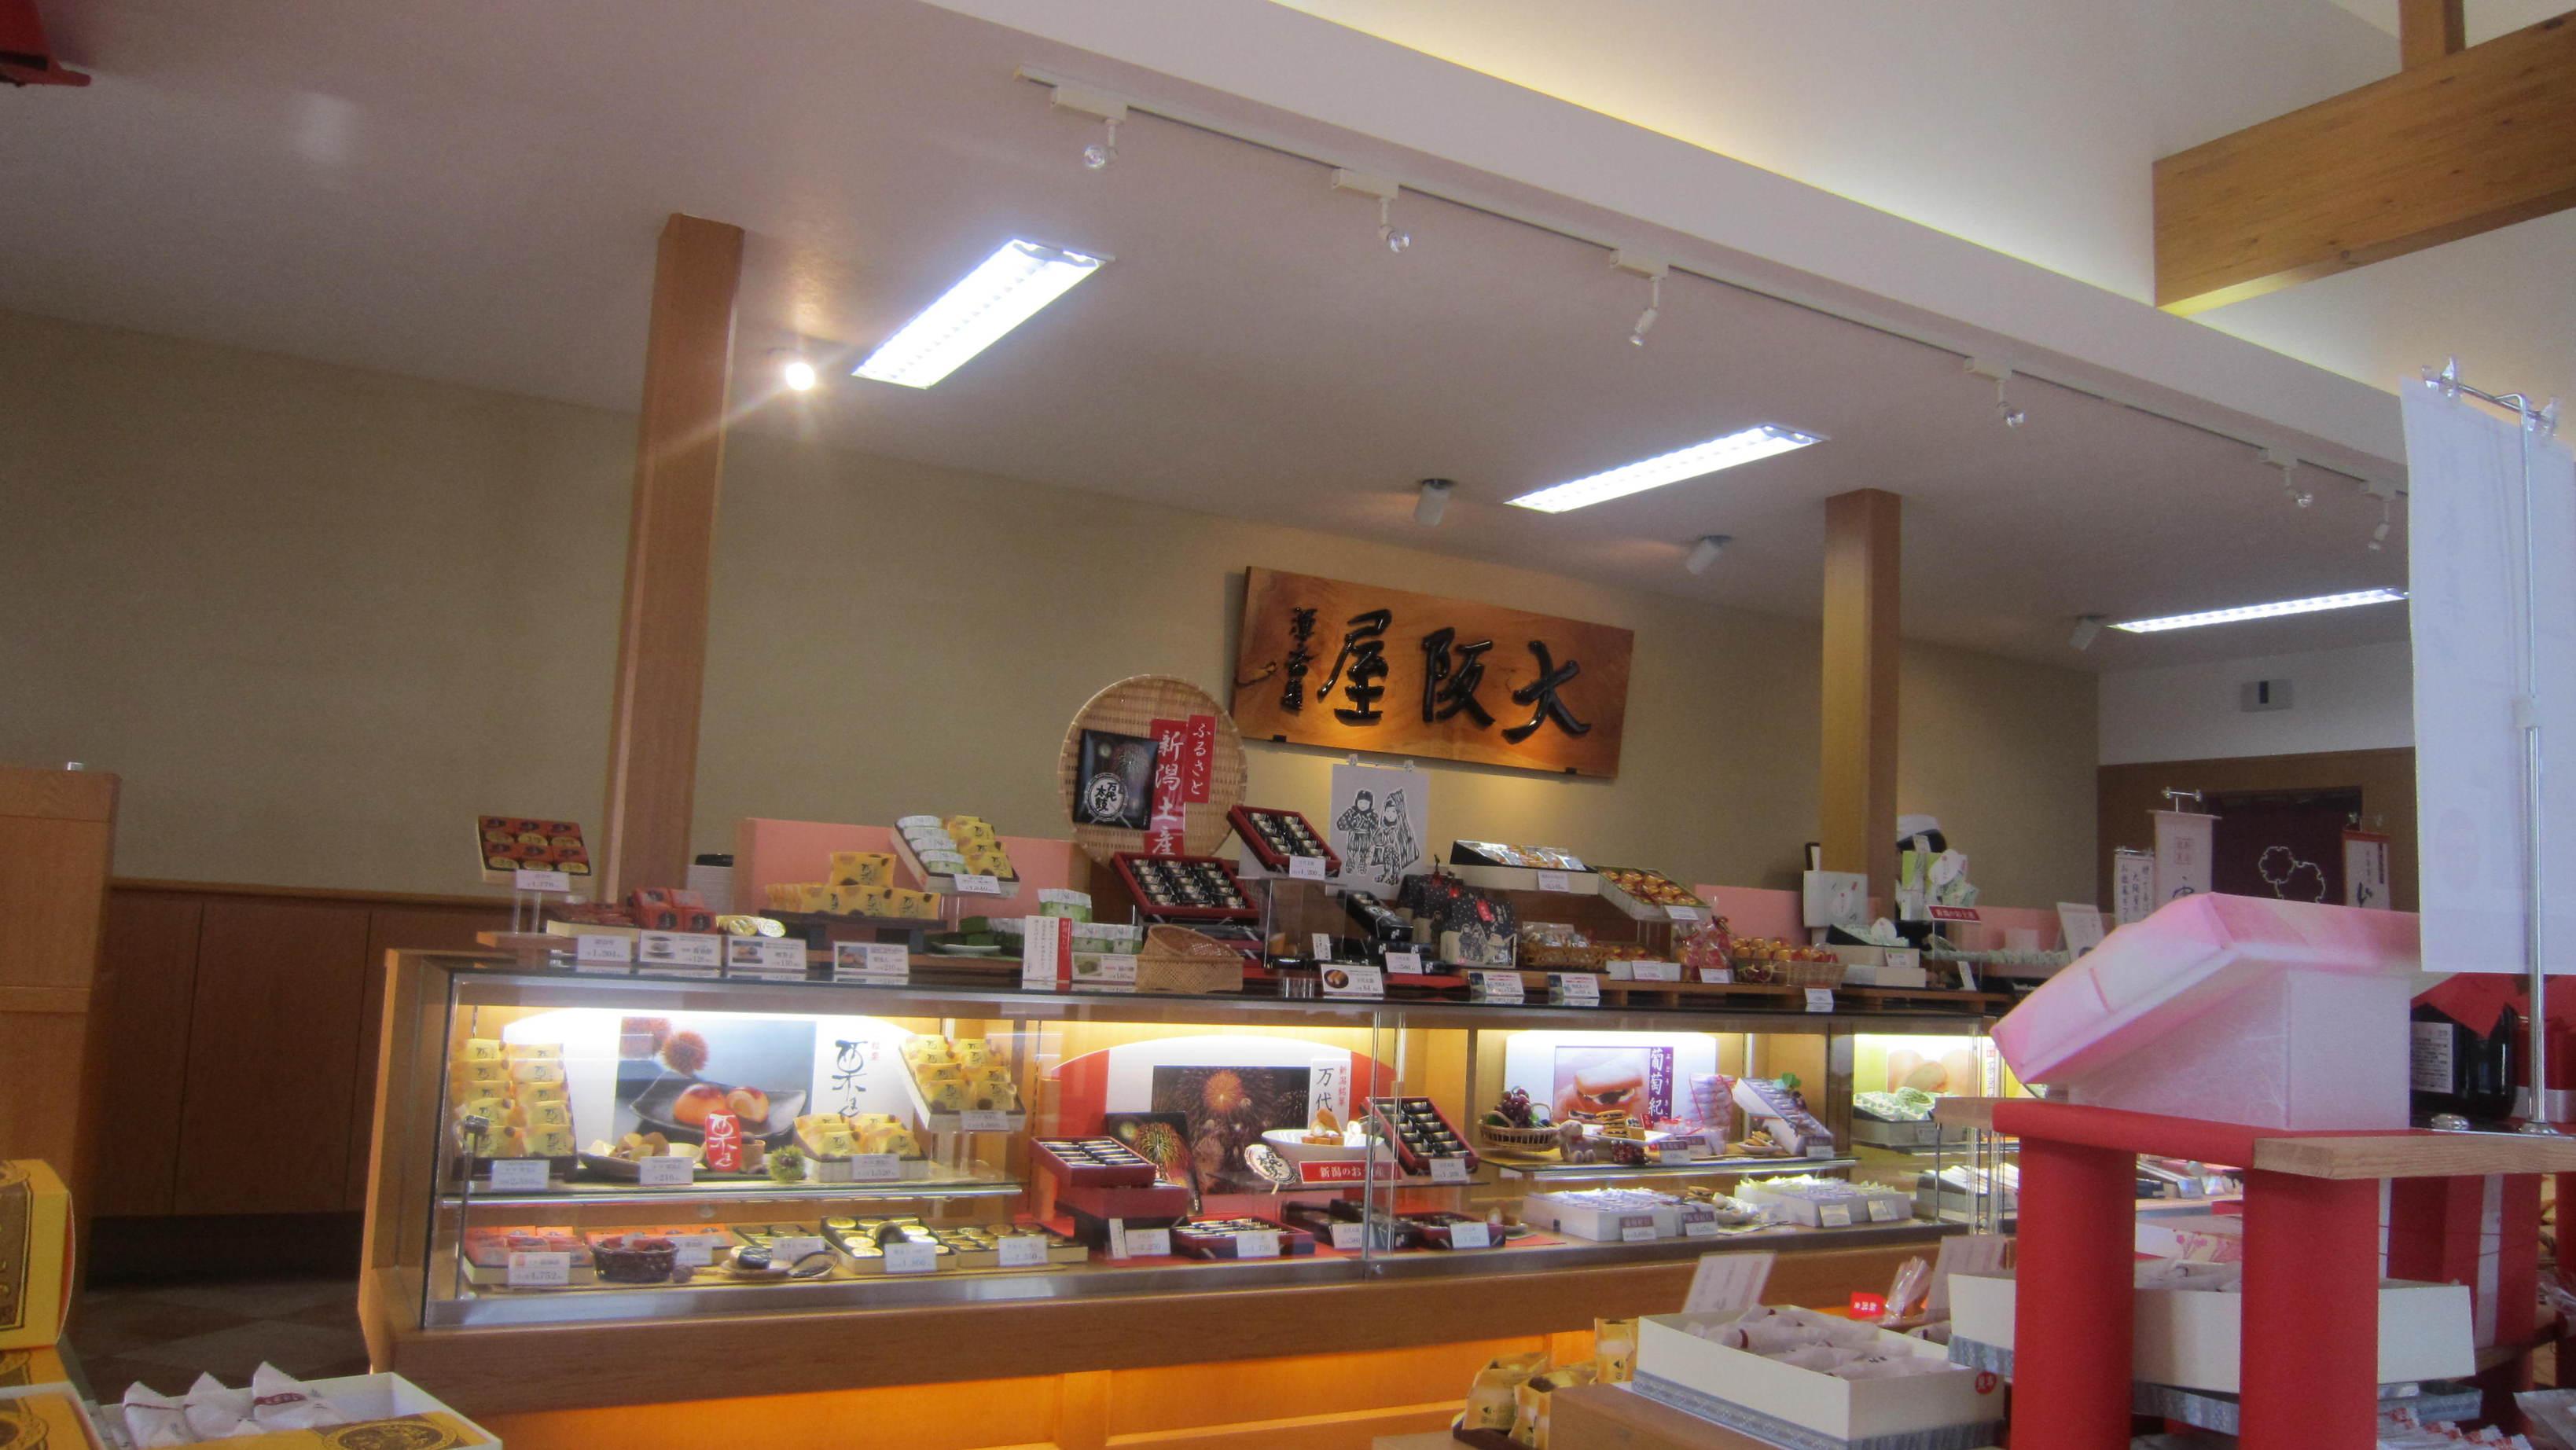 大阪屋 豊栄店